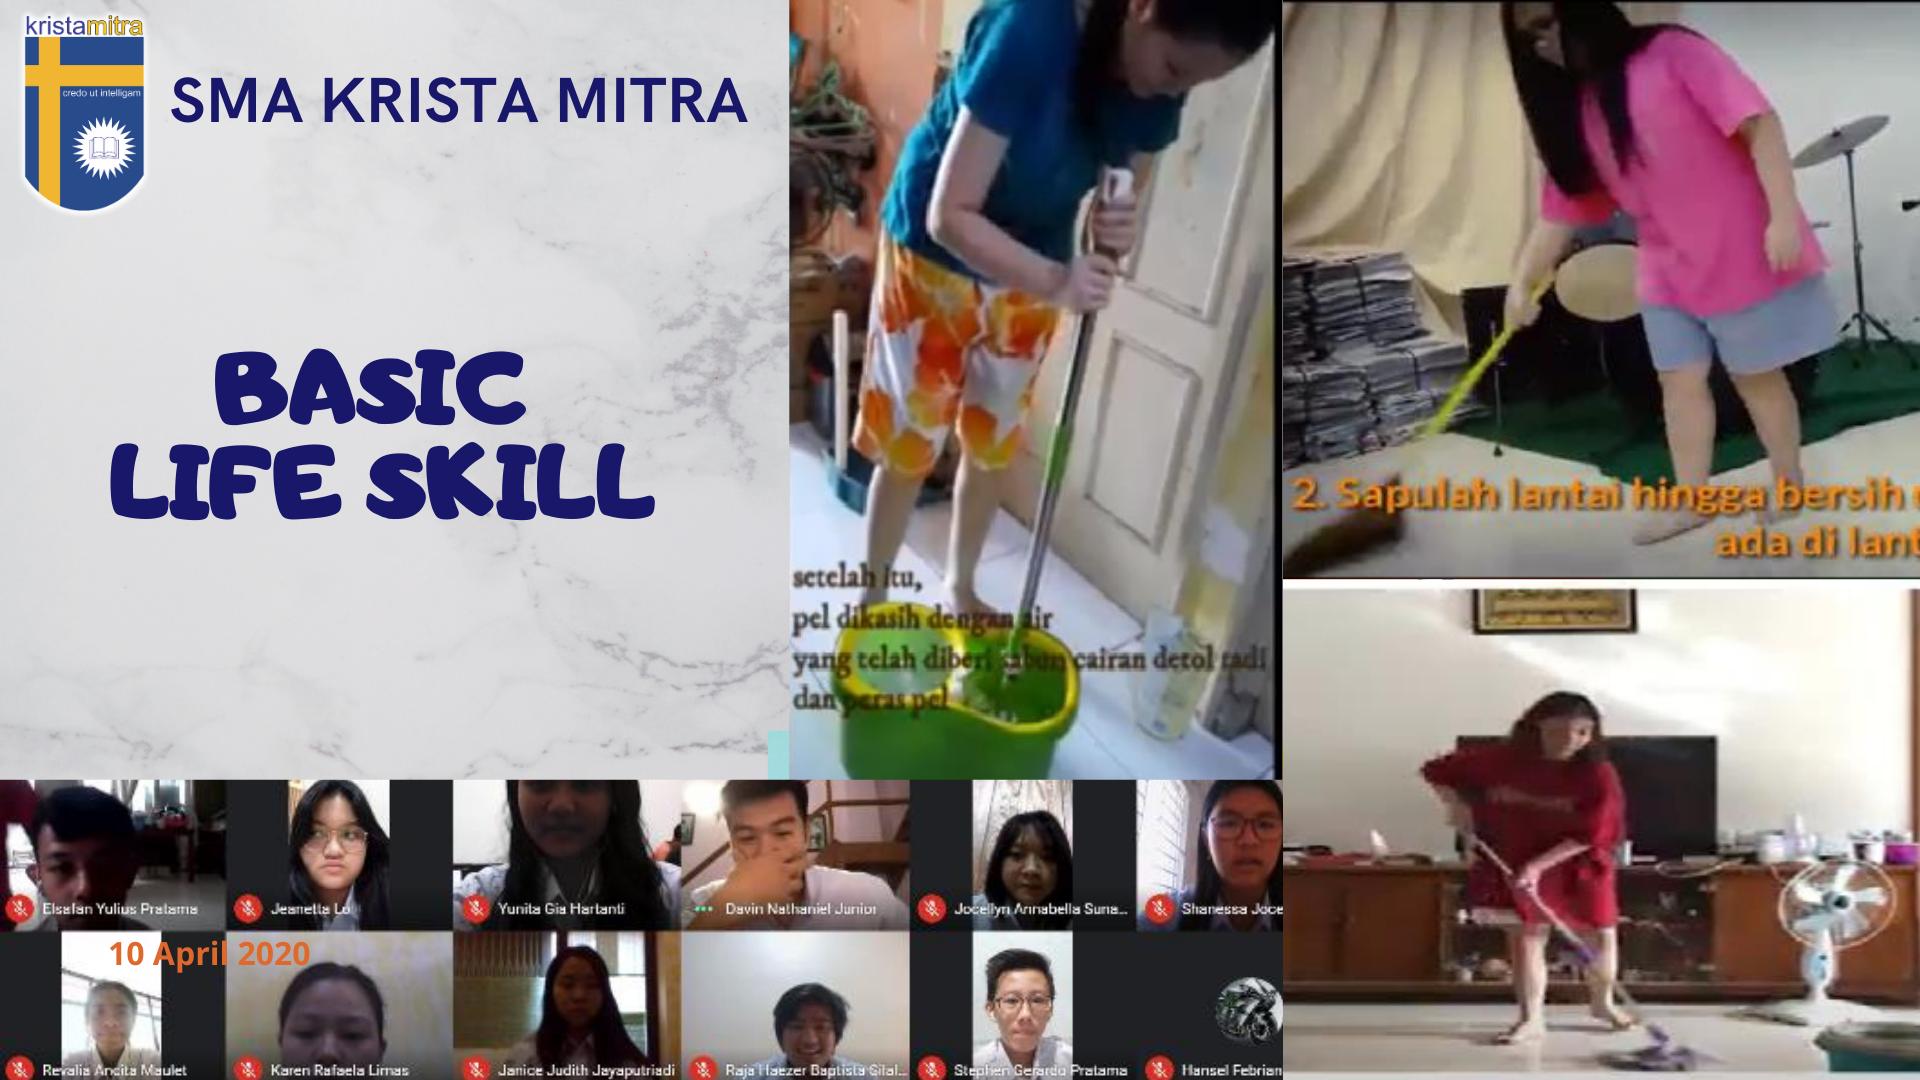 BASIC LIFE SKILL (kegiatan menyapu, mengepel, dan membersihkan ruangan)